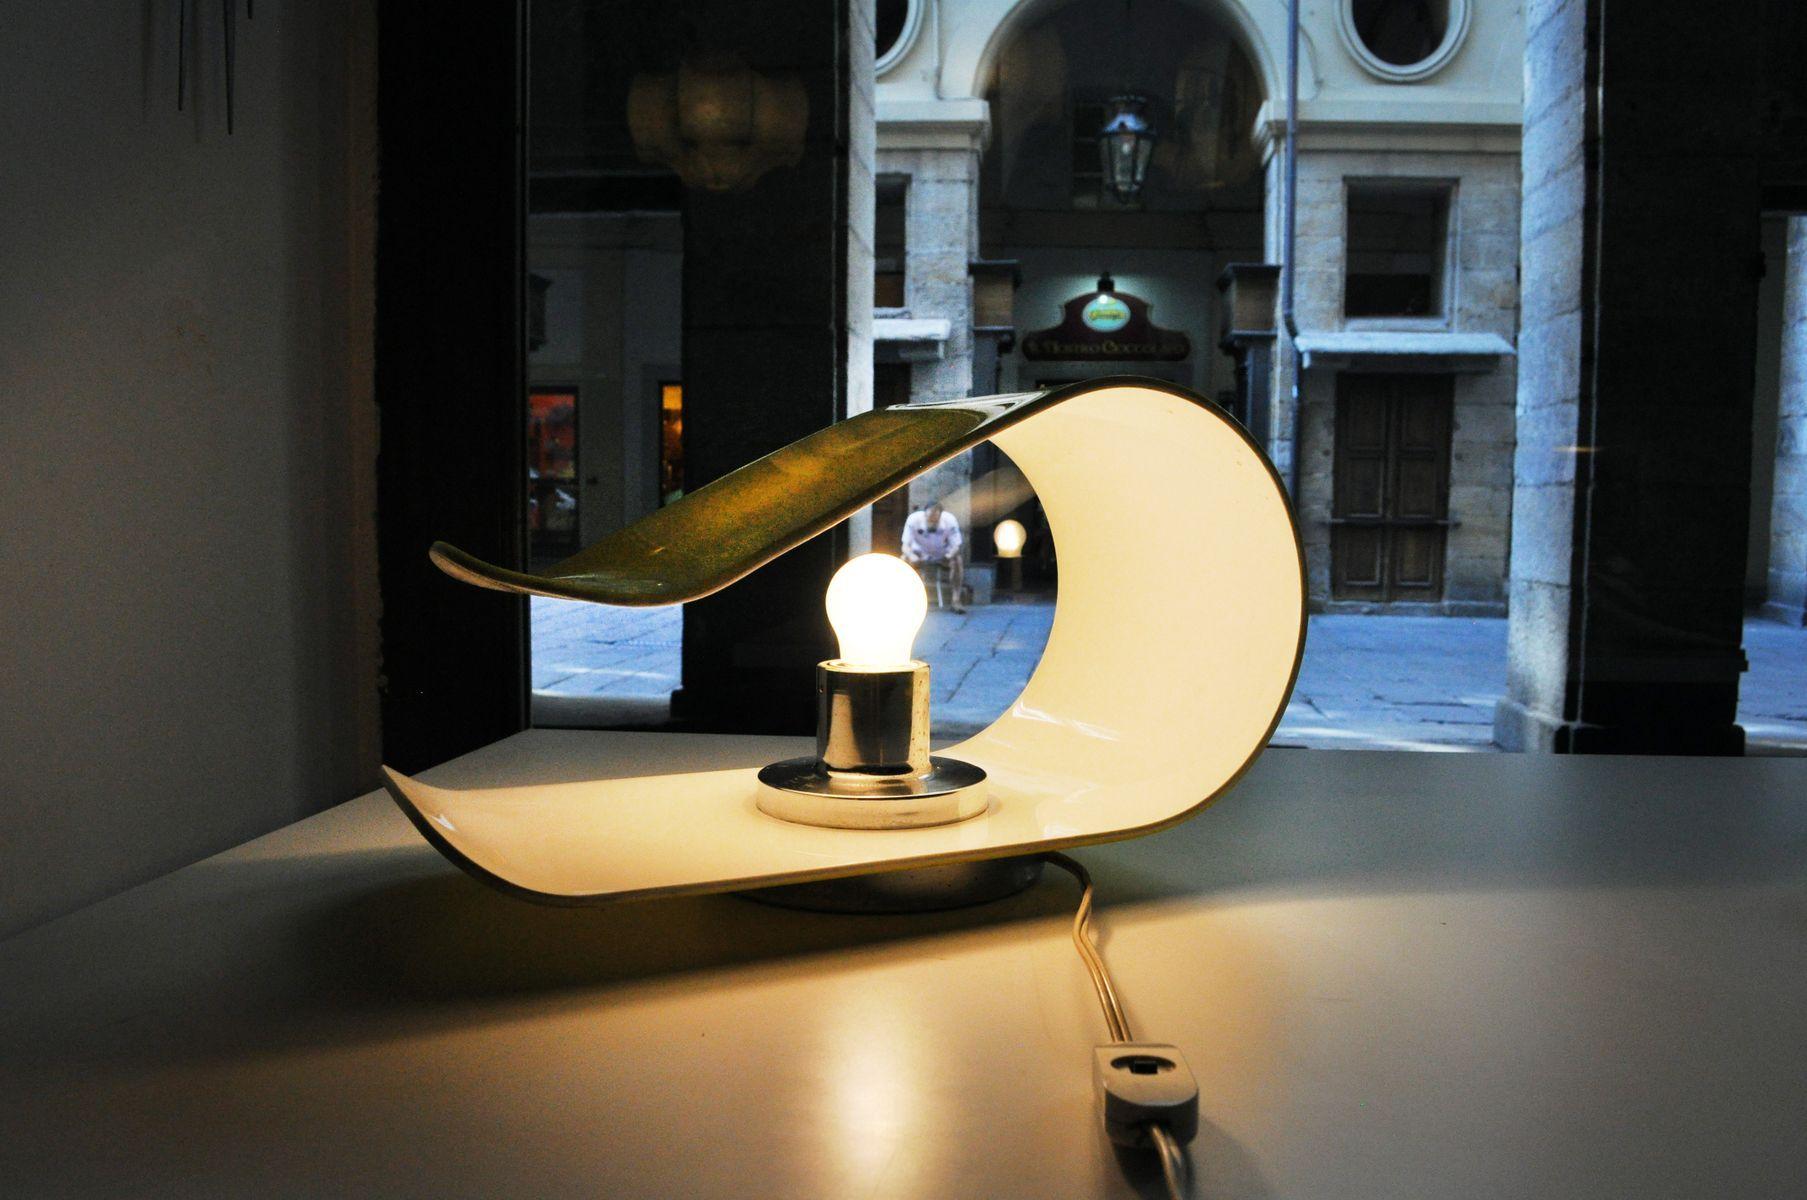 Led Touch Nachttischlampe Italienische Tischleuchten Tischlampe Led Modern Led Lampen Kaufen Munchen Tischlampe 70 Cm Lampen Kaufen Gelbe Lampen Lampen